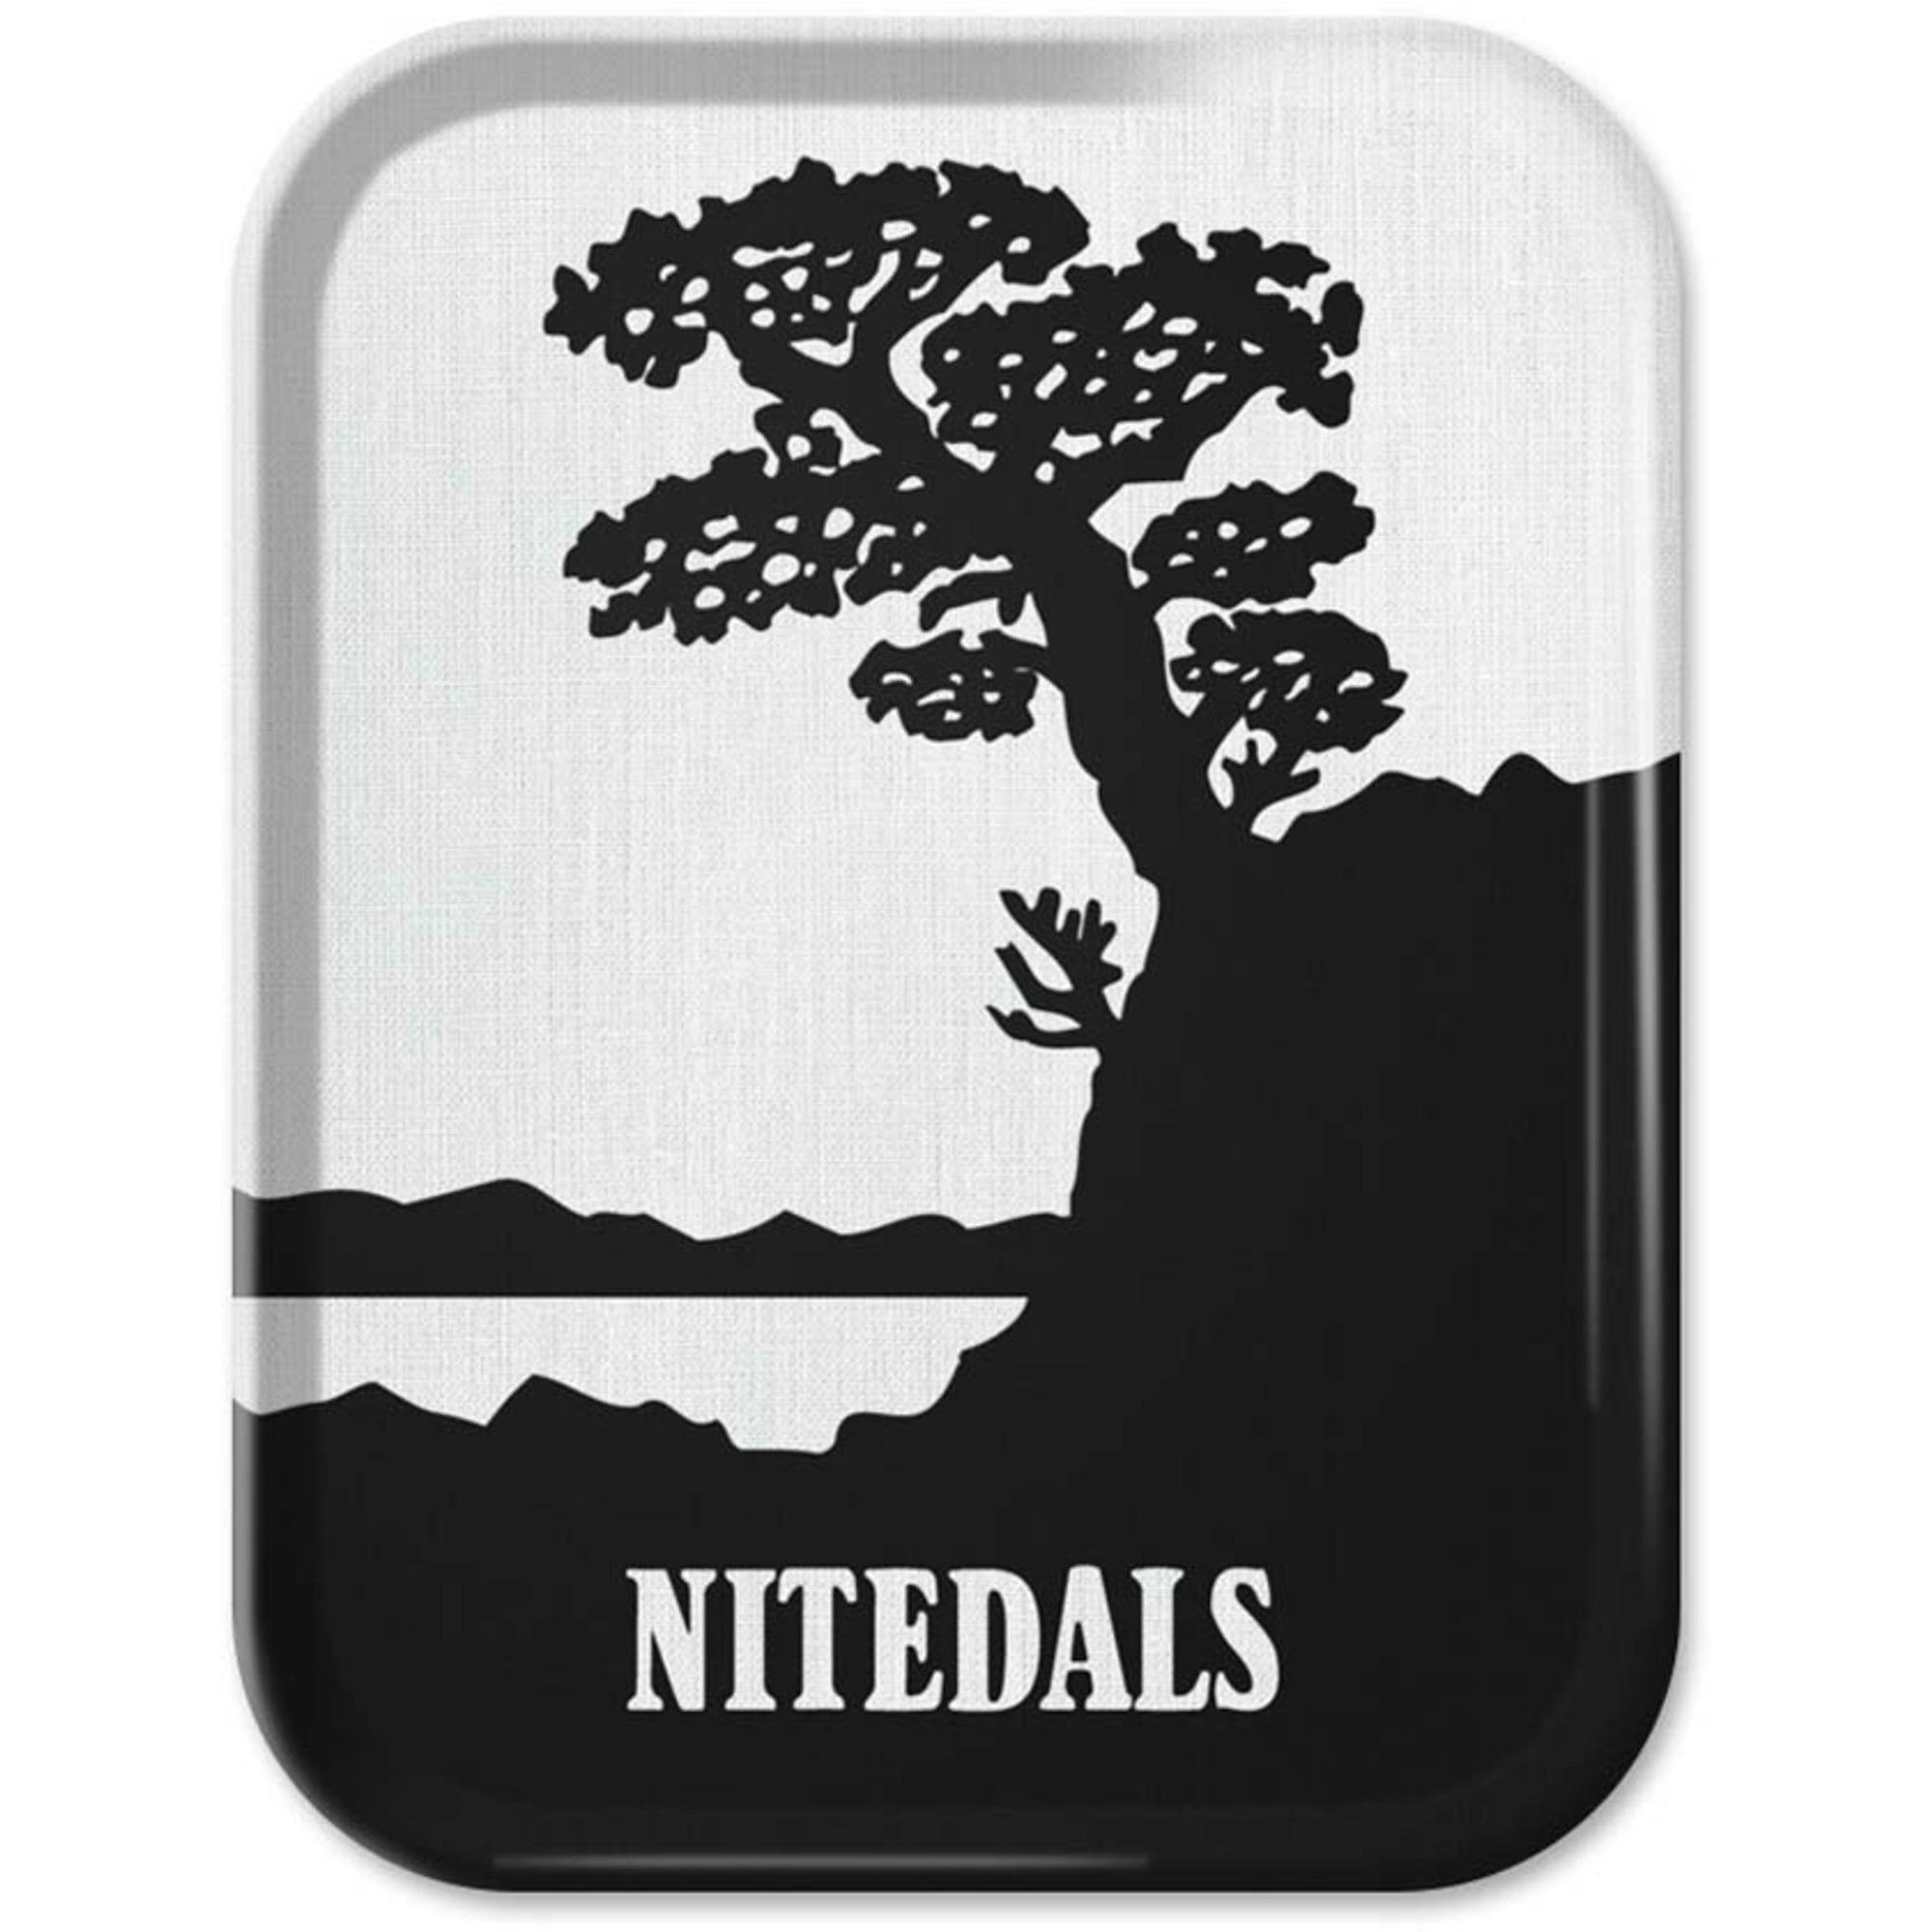 Nitedals Nitedals Bricka Svartvit 36×28 cm